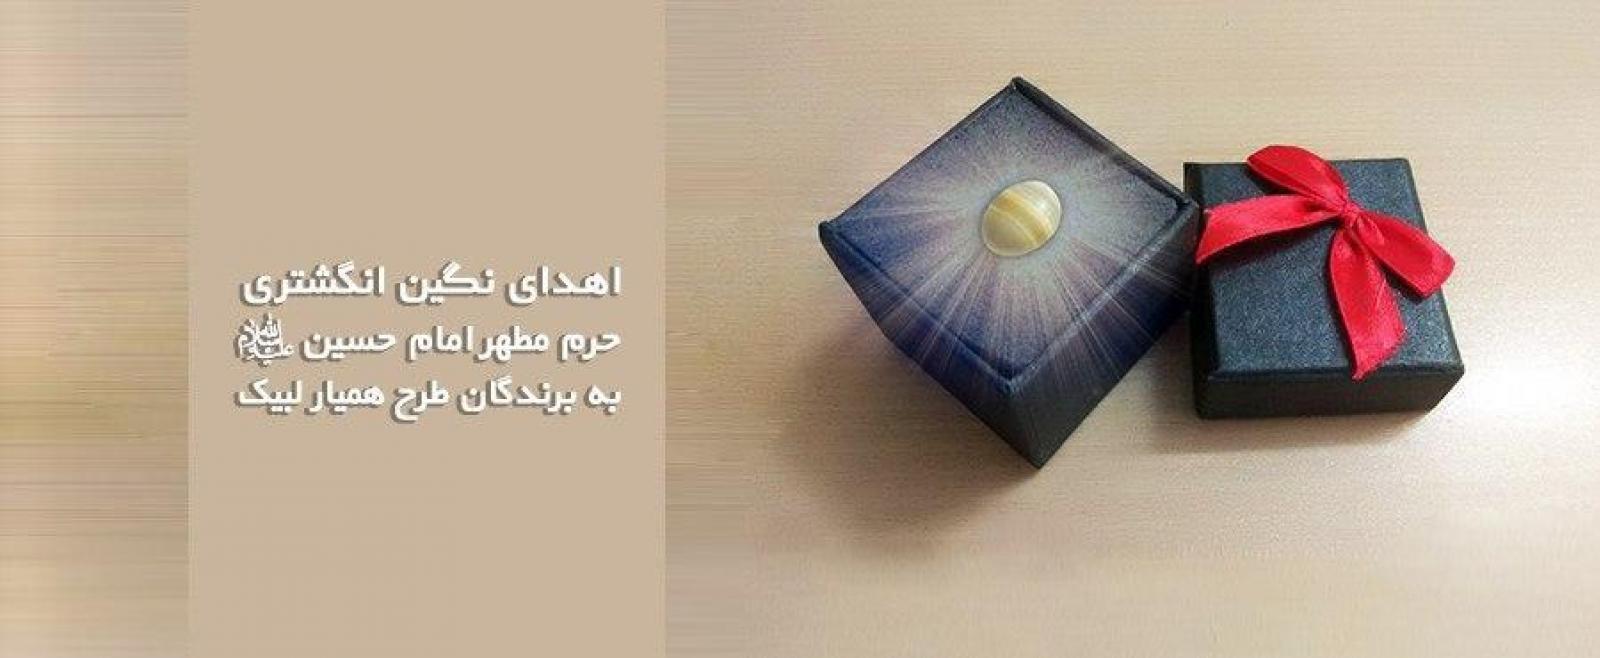 اهدای نگین انگشتری حرم مطهر امام حسین(ع) به برندگان طرح همیار لبیک